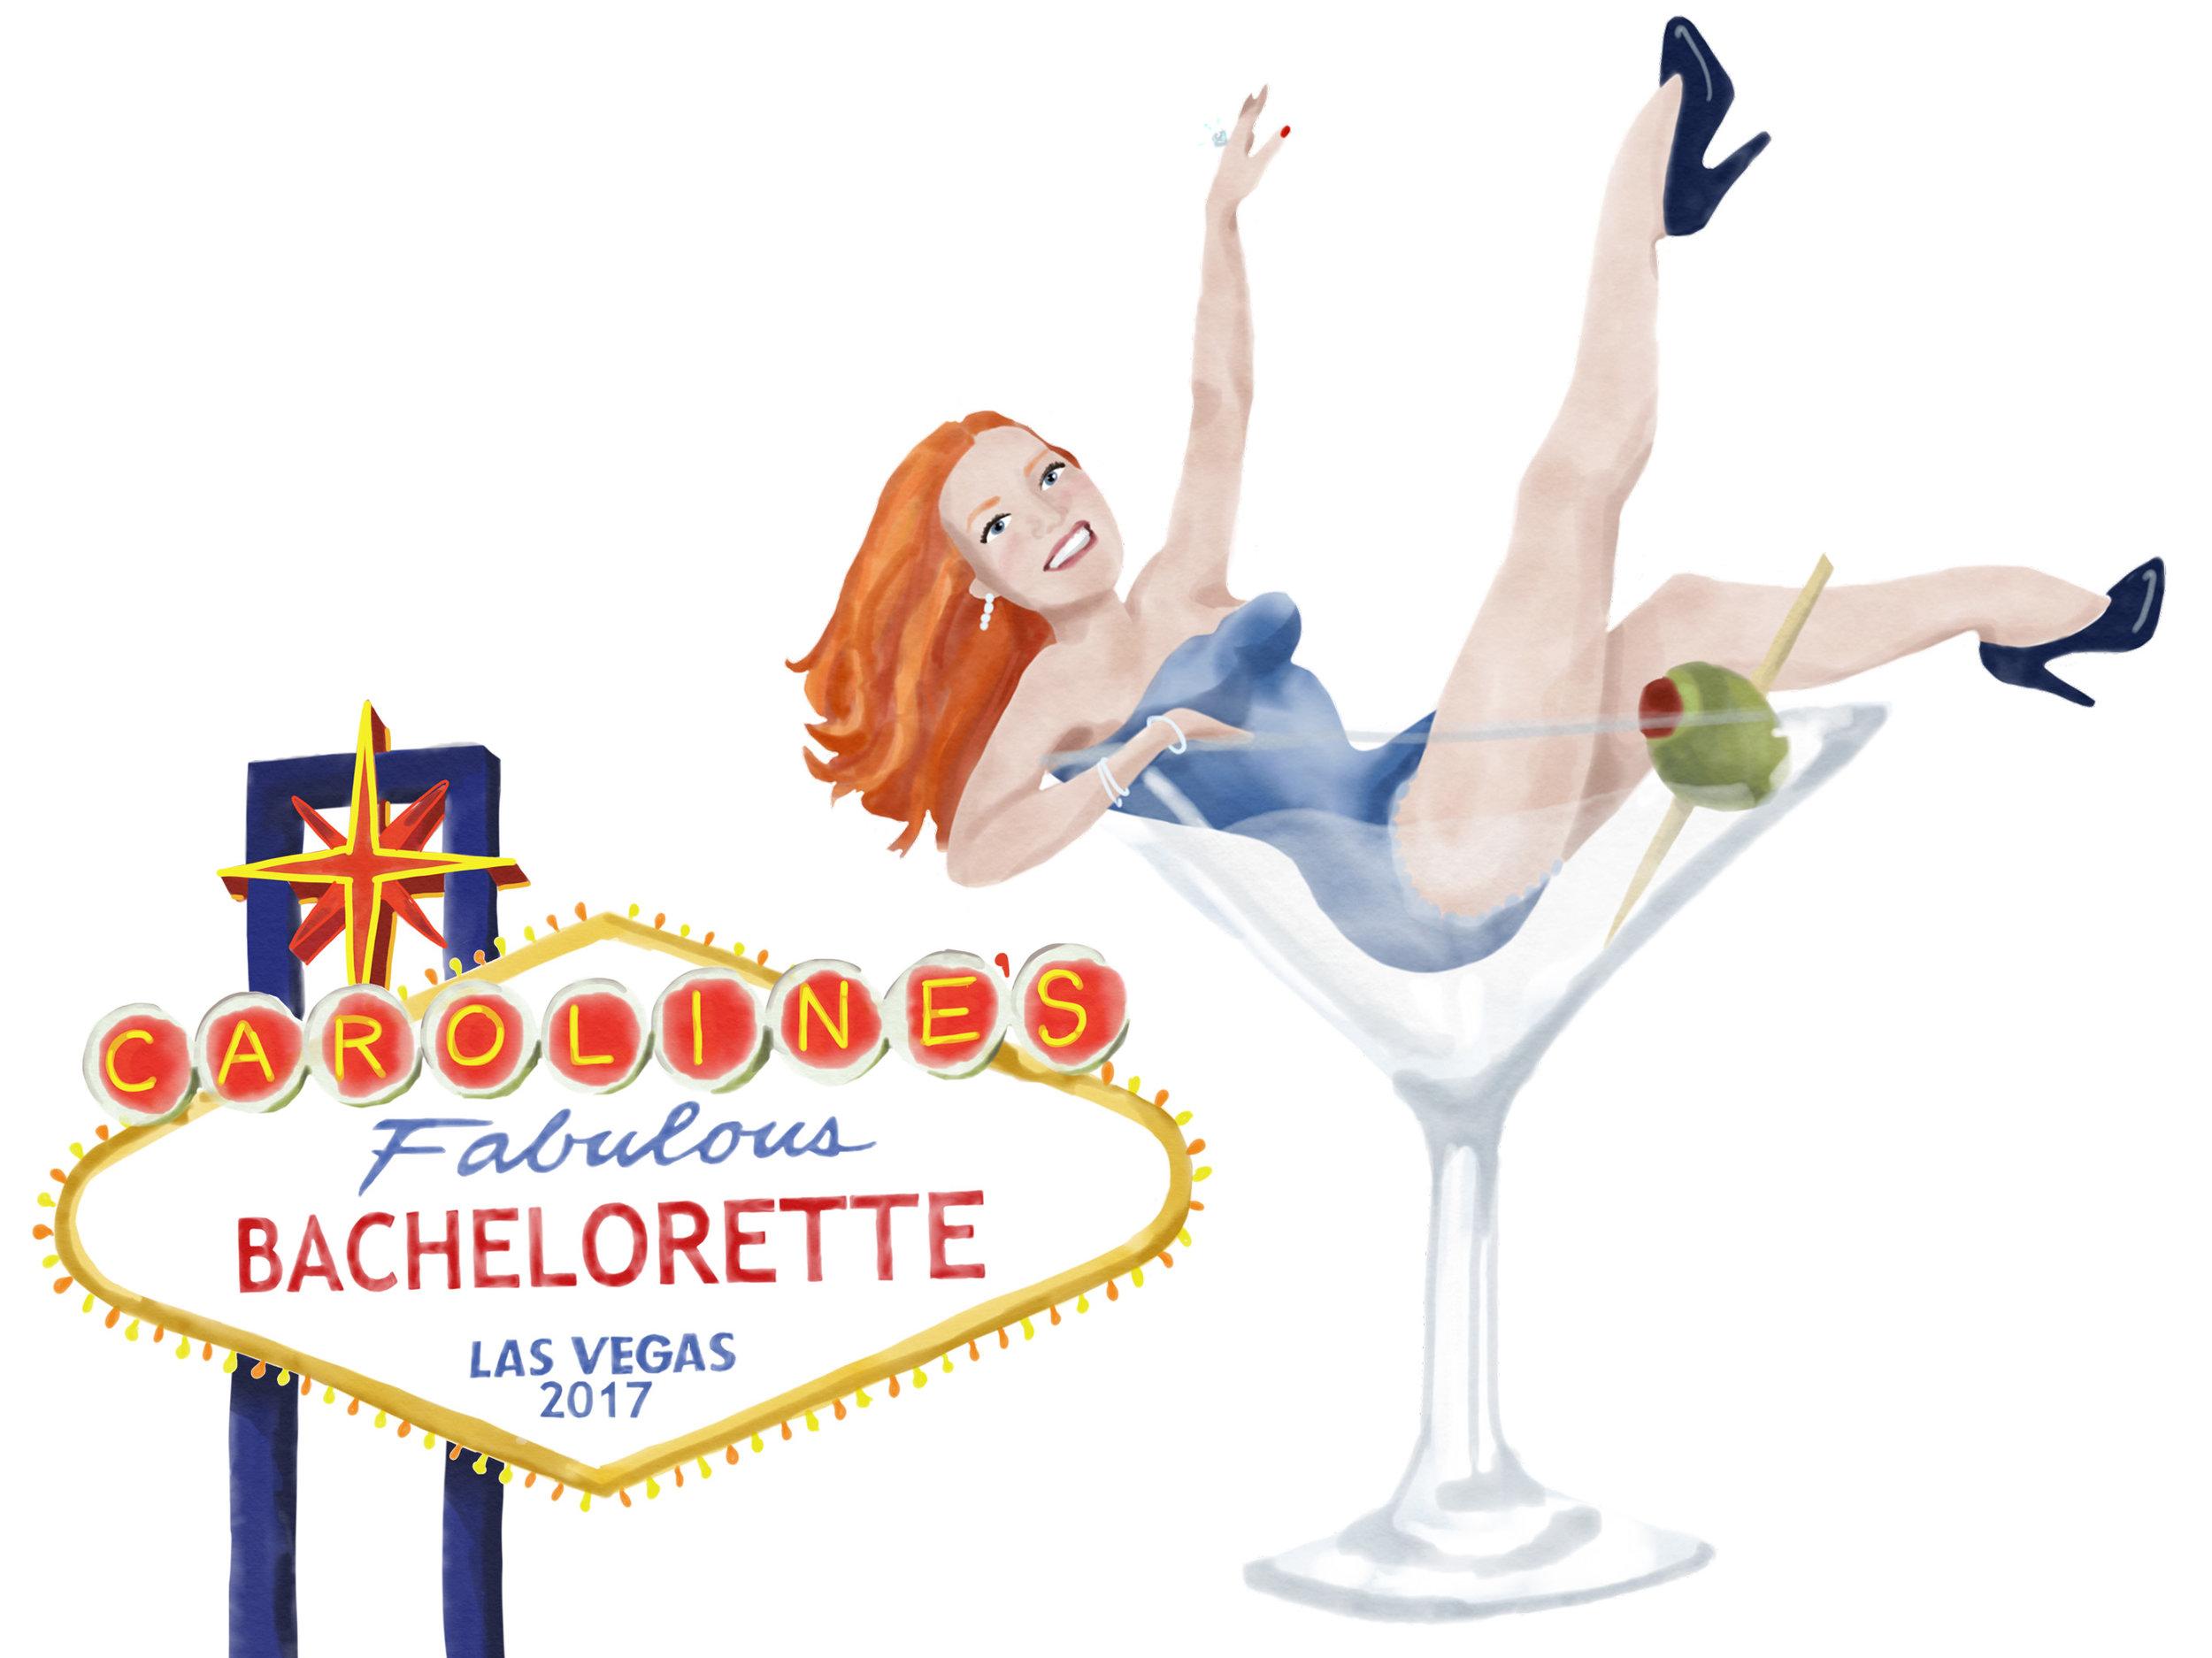 Bachelorette portrait & emblem for souvenirs